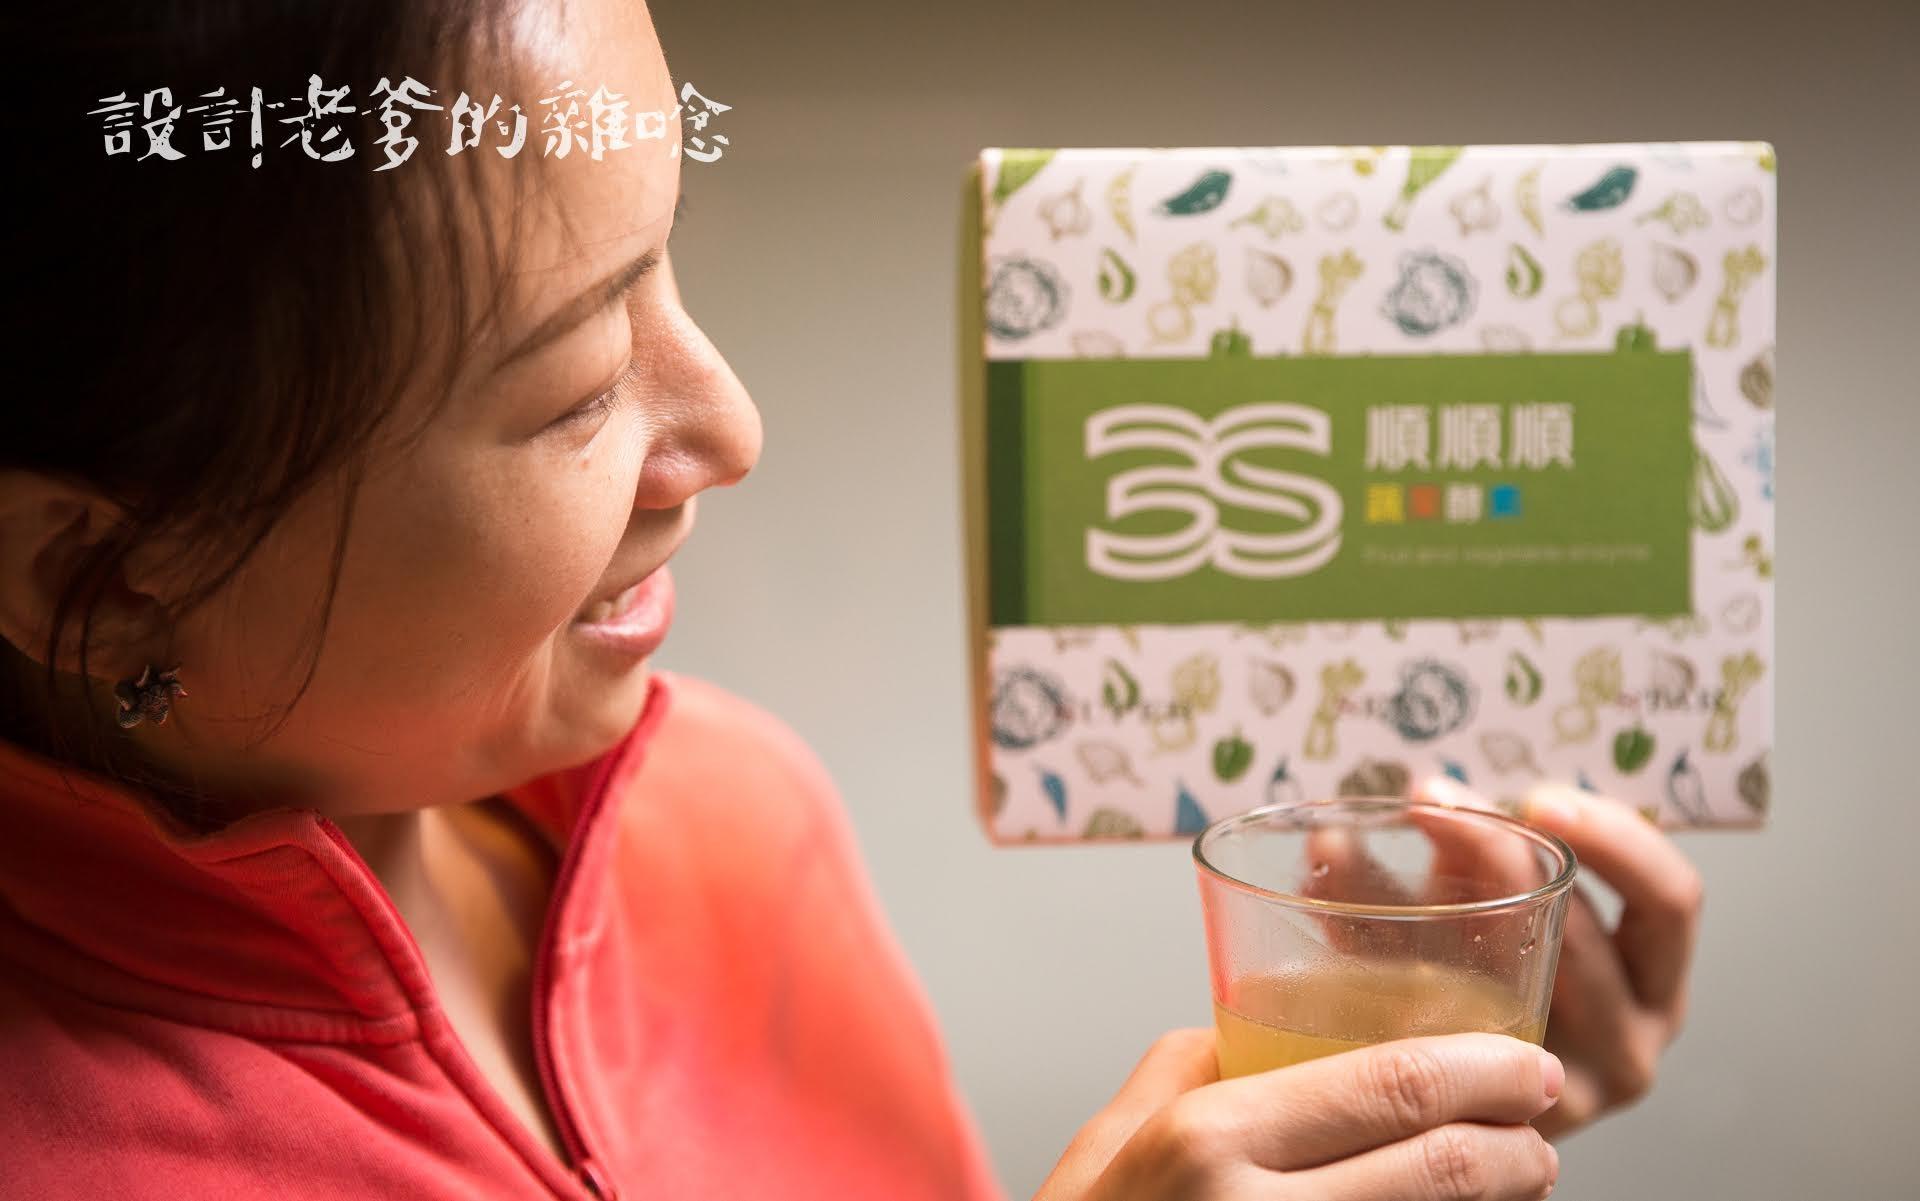 3S順順順蔬果酵素...順順順順順啦!